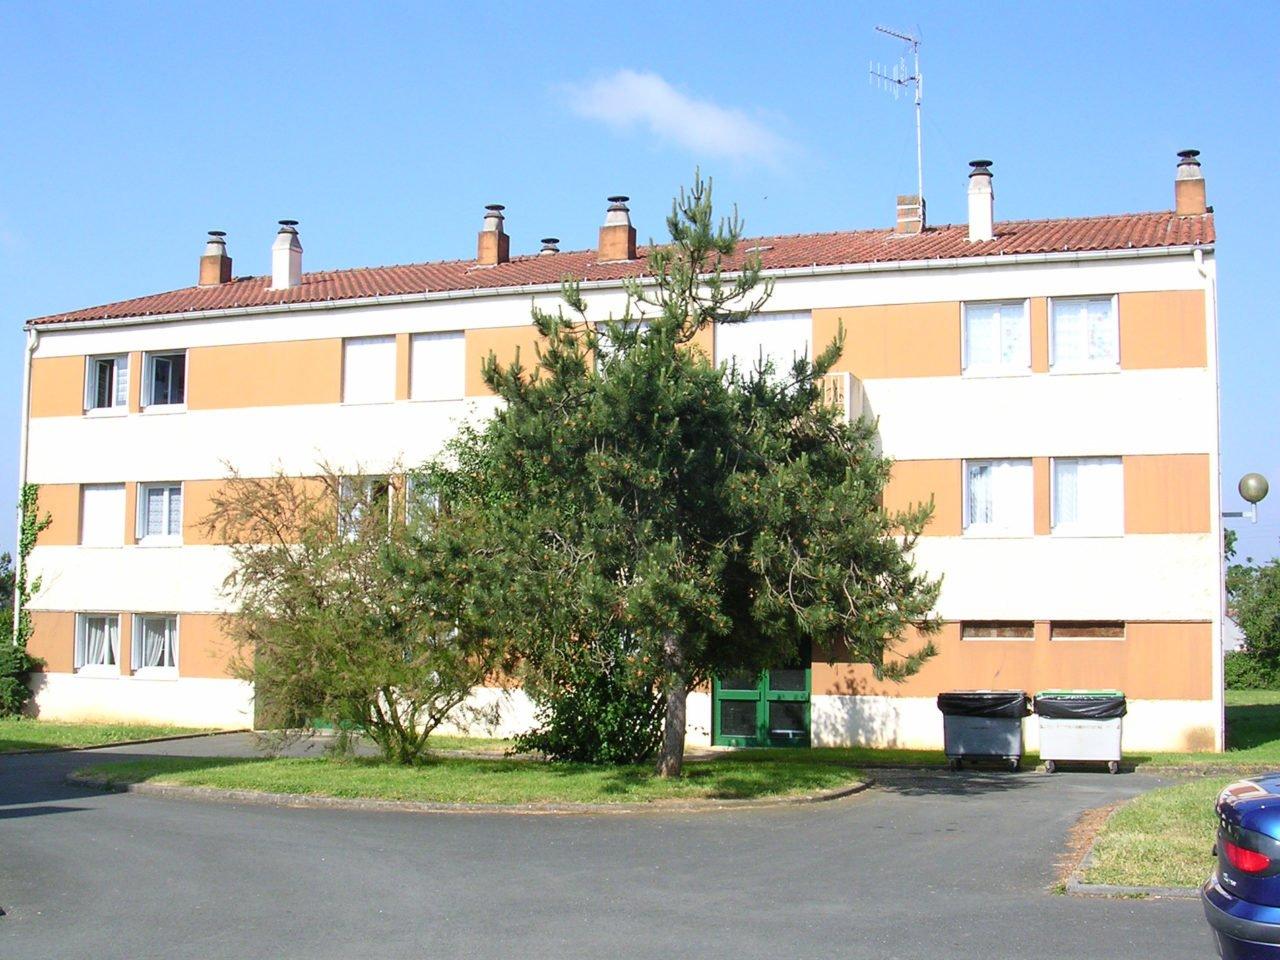 Le renouvellement urbain en secteur rural à Sainte Hermine